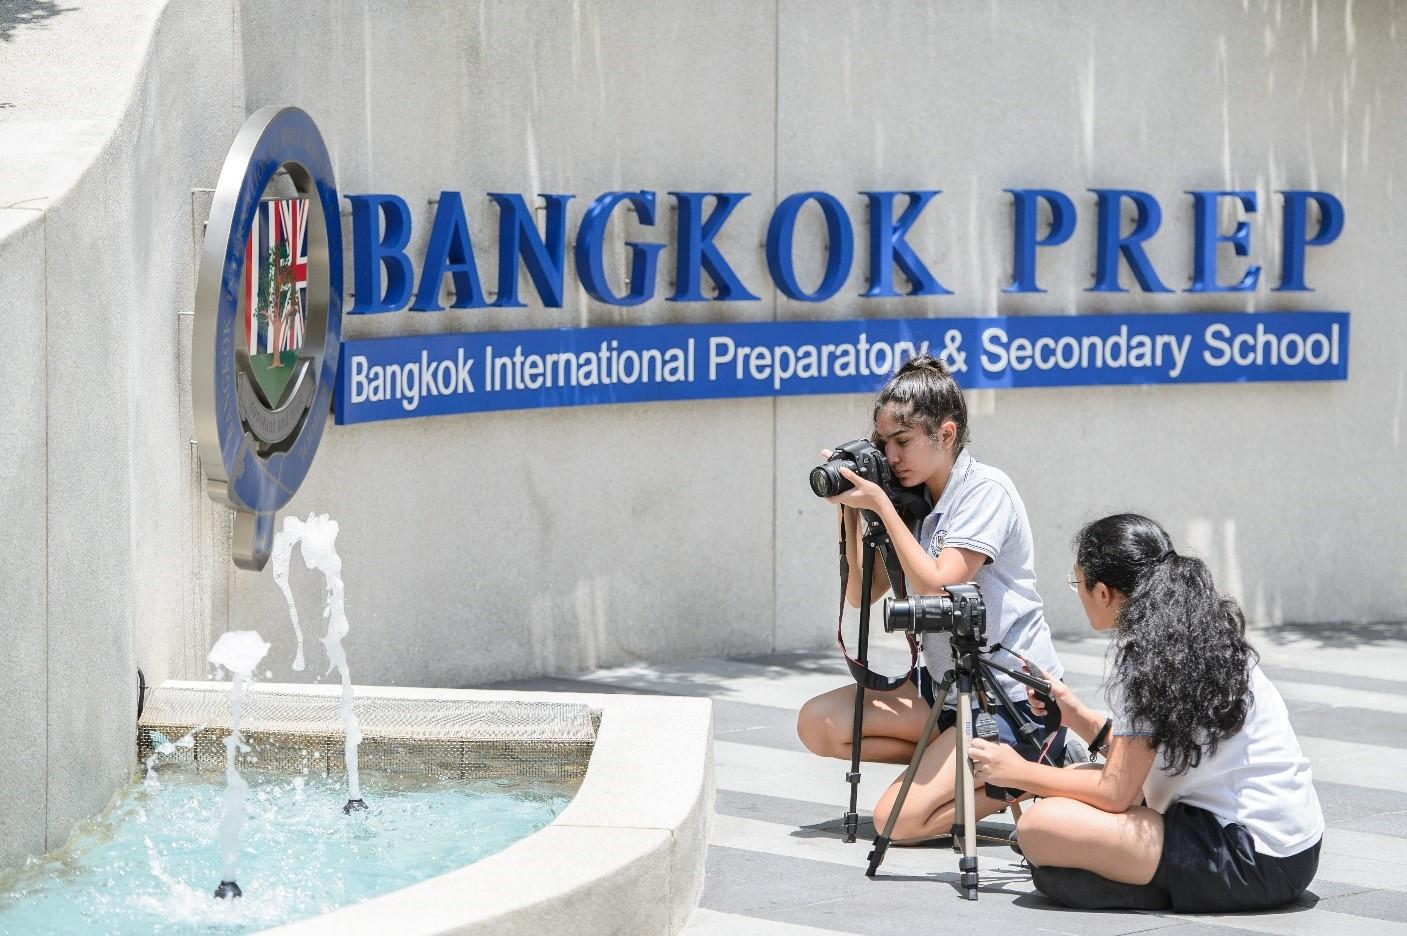 โรงเรียนนานาชาติบางกอกเพรพ (Bangkok Prep International School)